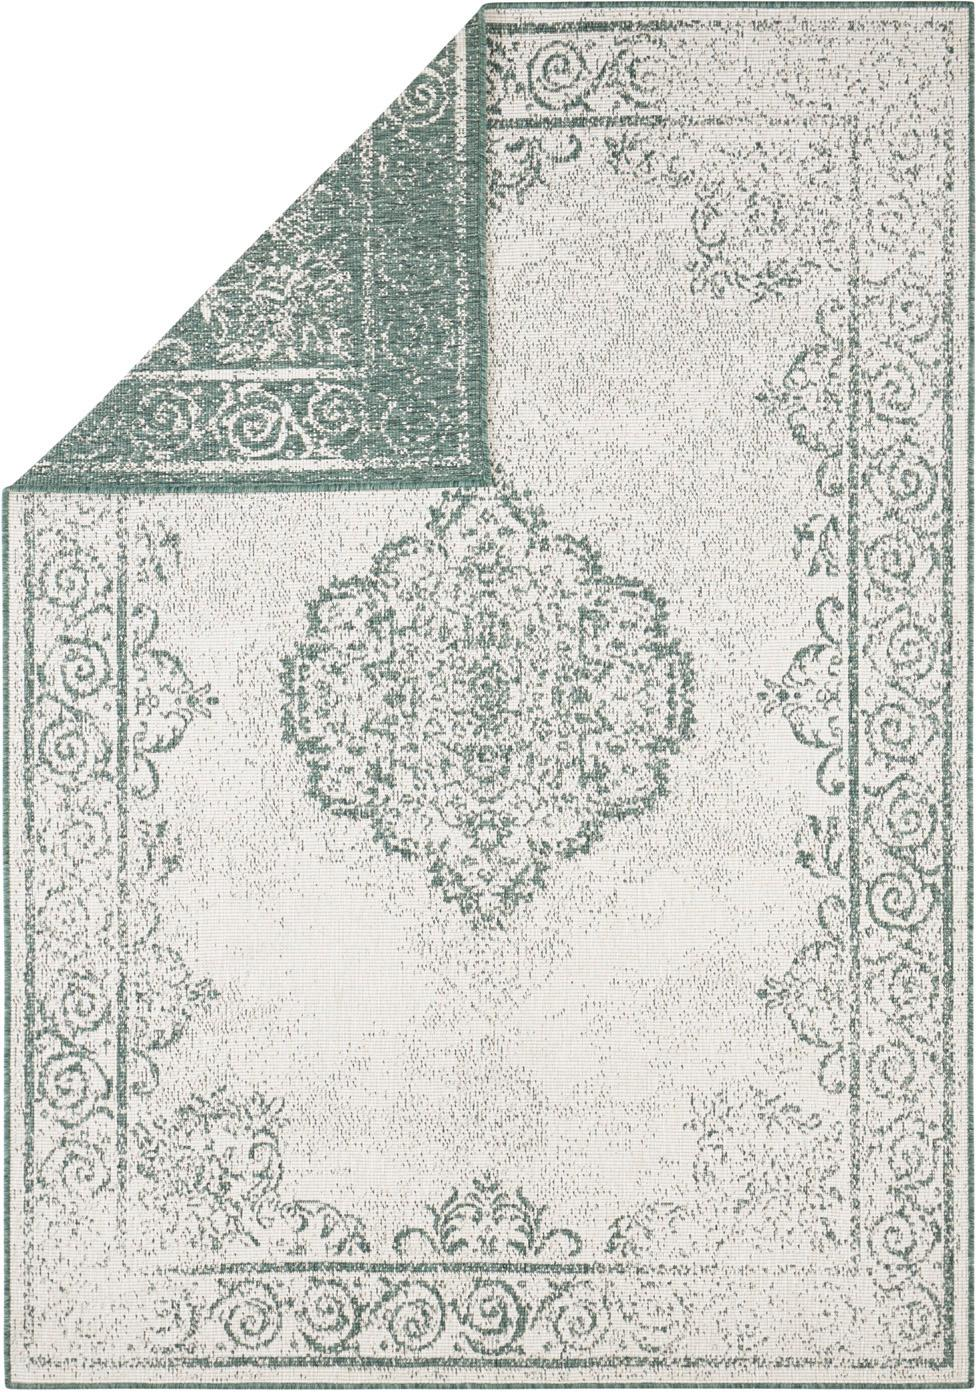 In- & Outdoor-Wendeteppich Cebu im Vintage Look, Grün/Creme, 100% Polypropylen, Grün, Creme, B 80 x L 150 cm (Größe XS)